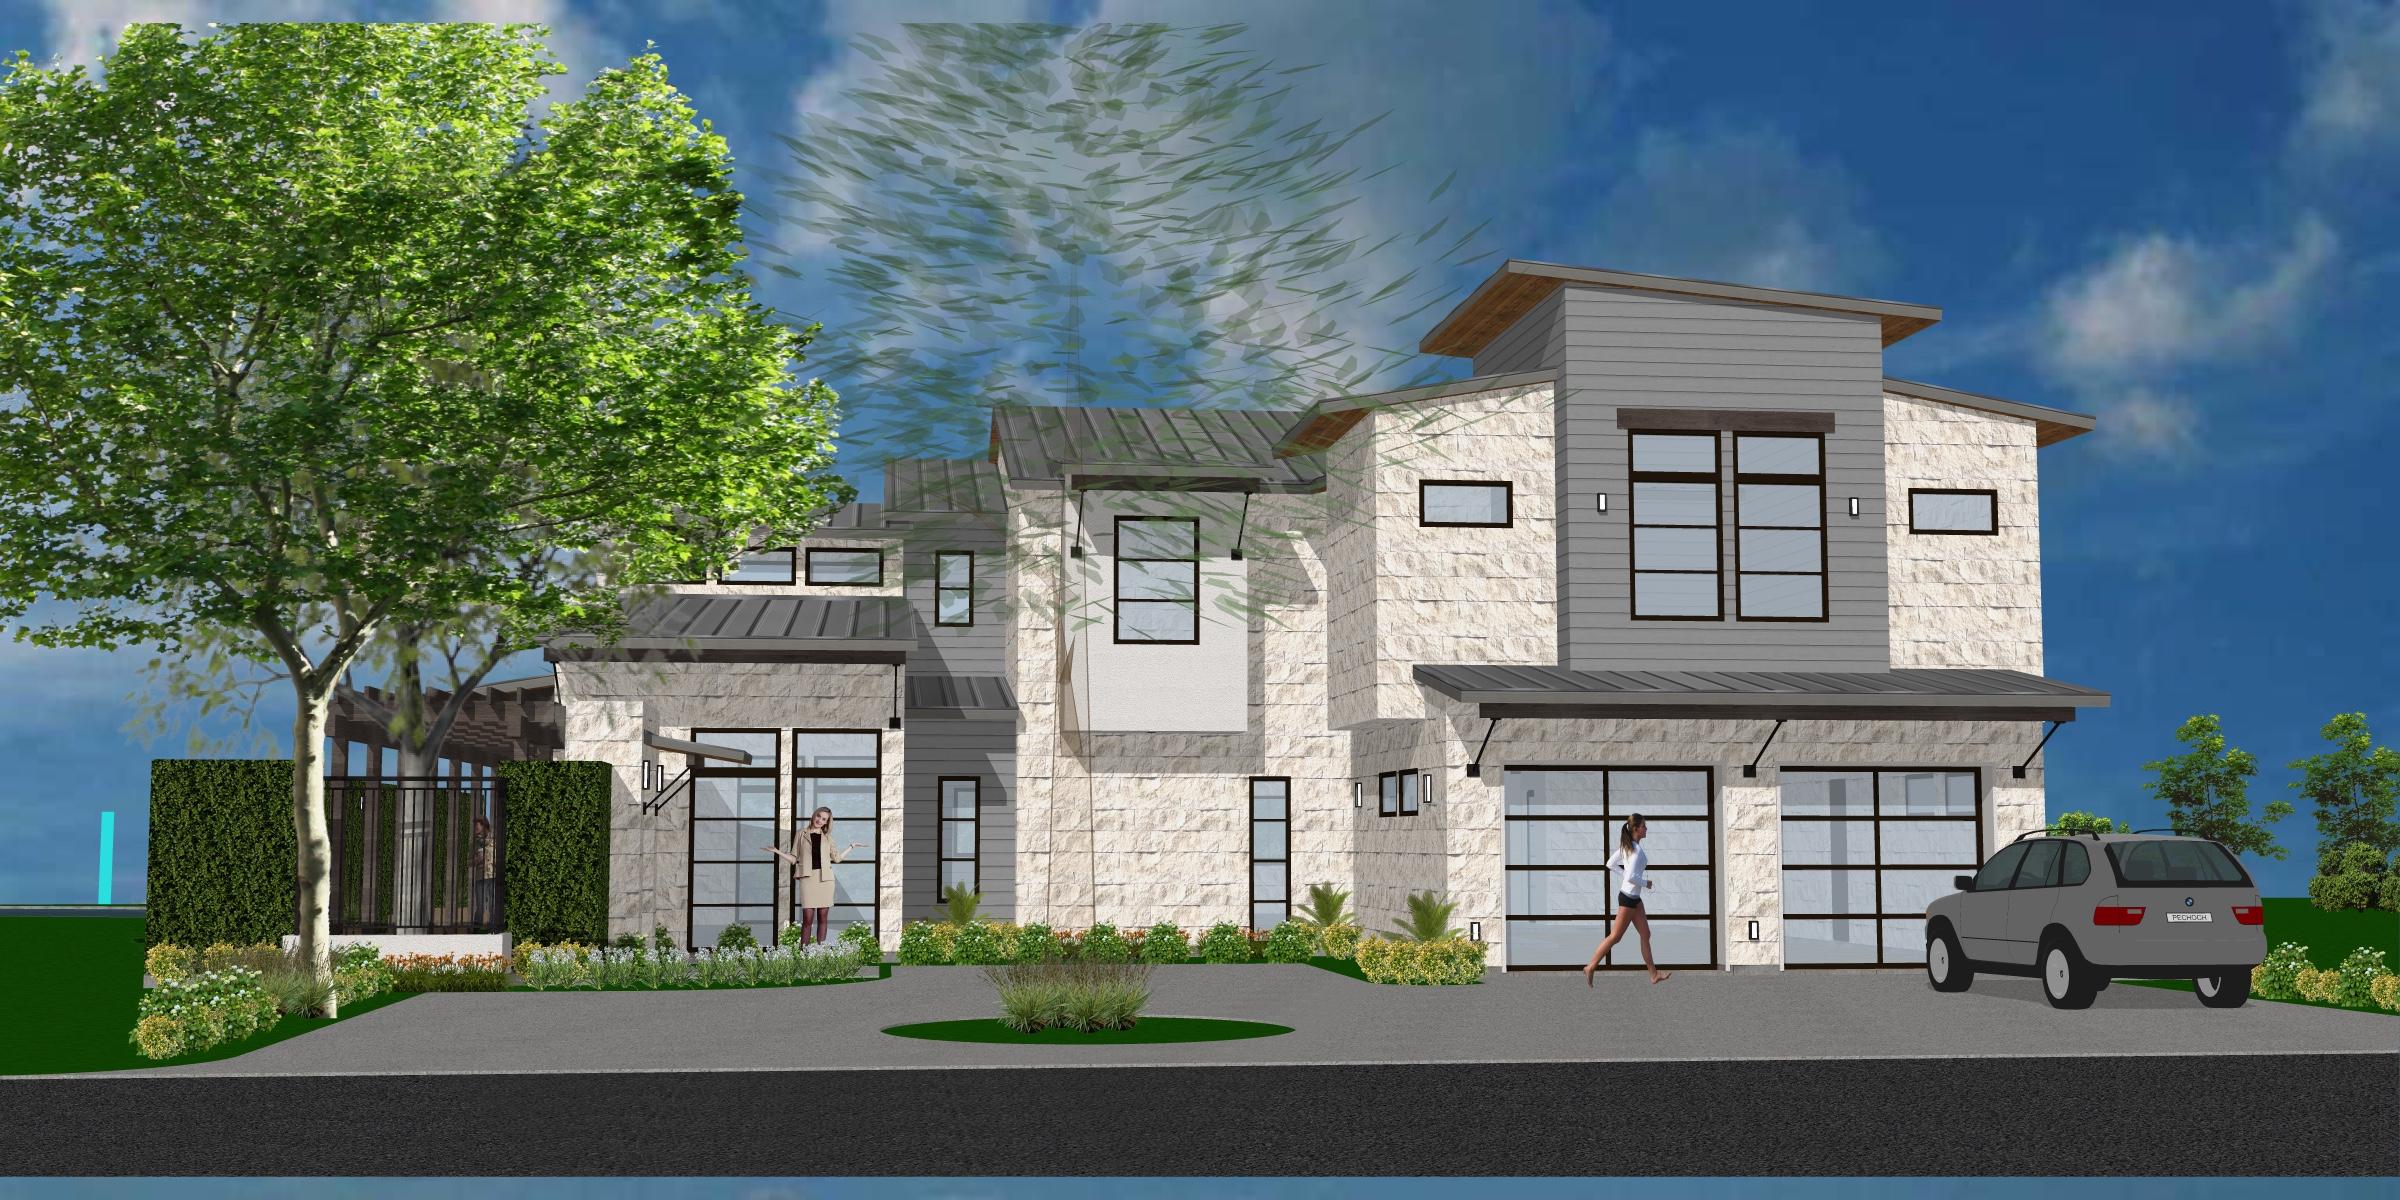 CRISSAL HOUSE | BROWNSVILLE, TX